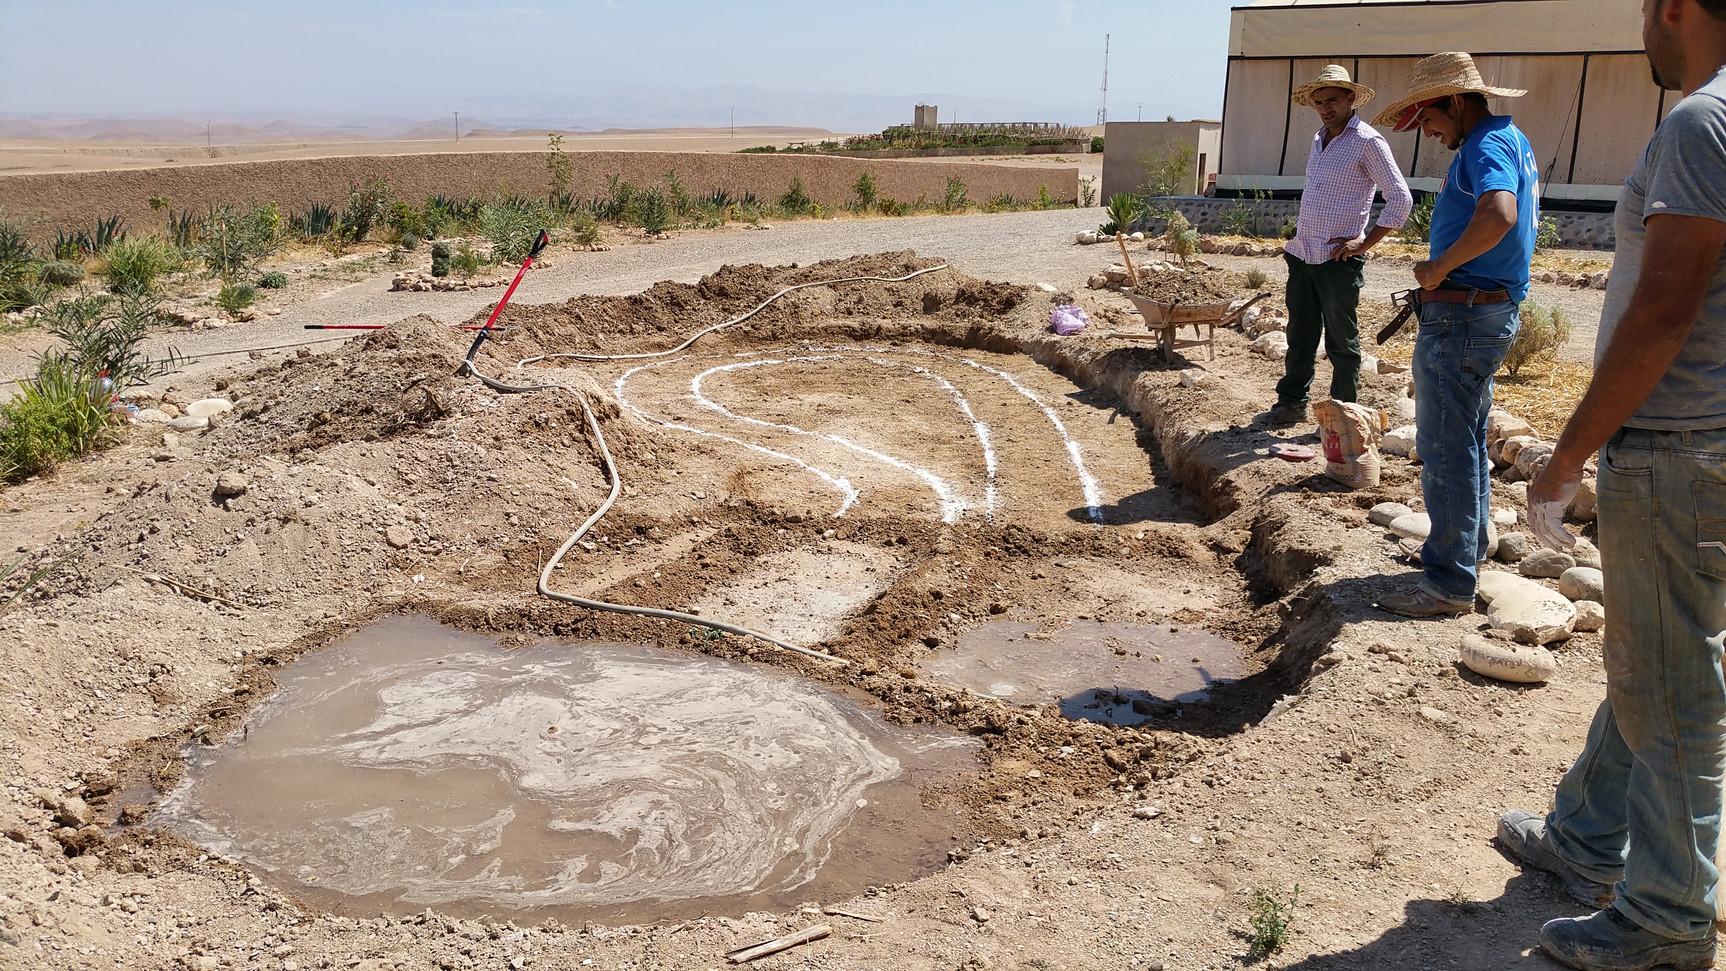 Irriguer de petites zones pour ameublir le sol et  pouvoir creuser sans se blesser...